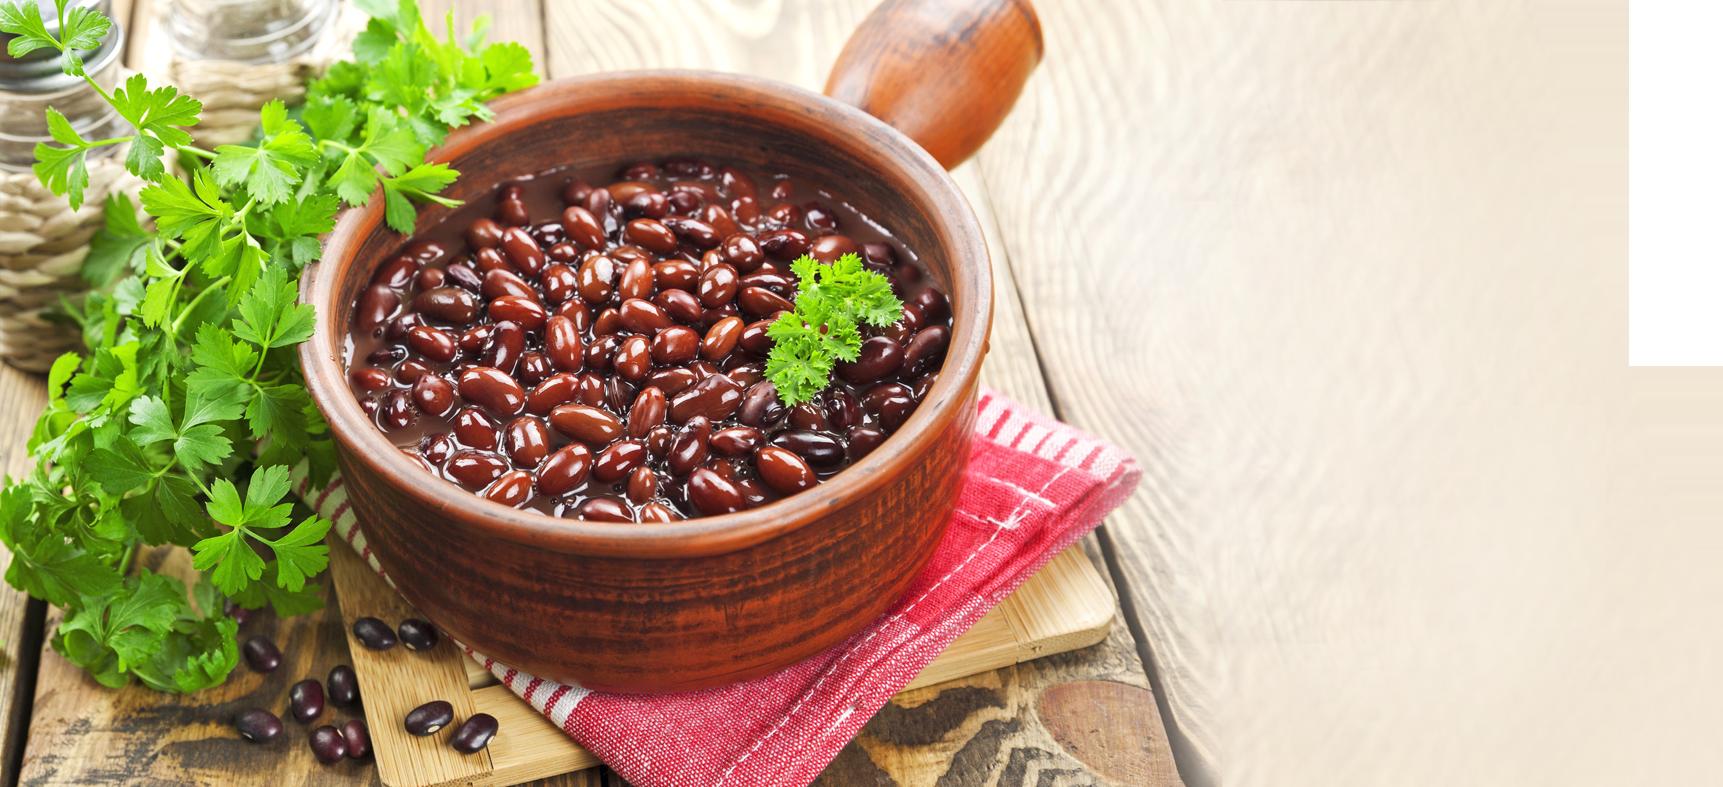 紅豆減肥法 瘦身增添好氣色